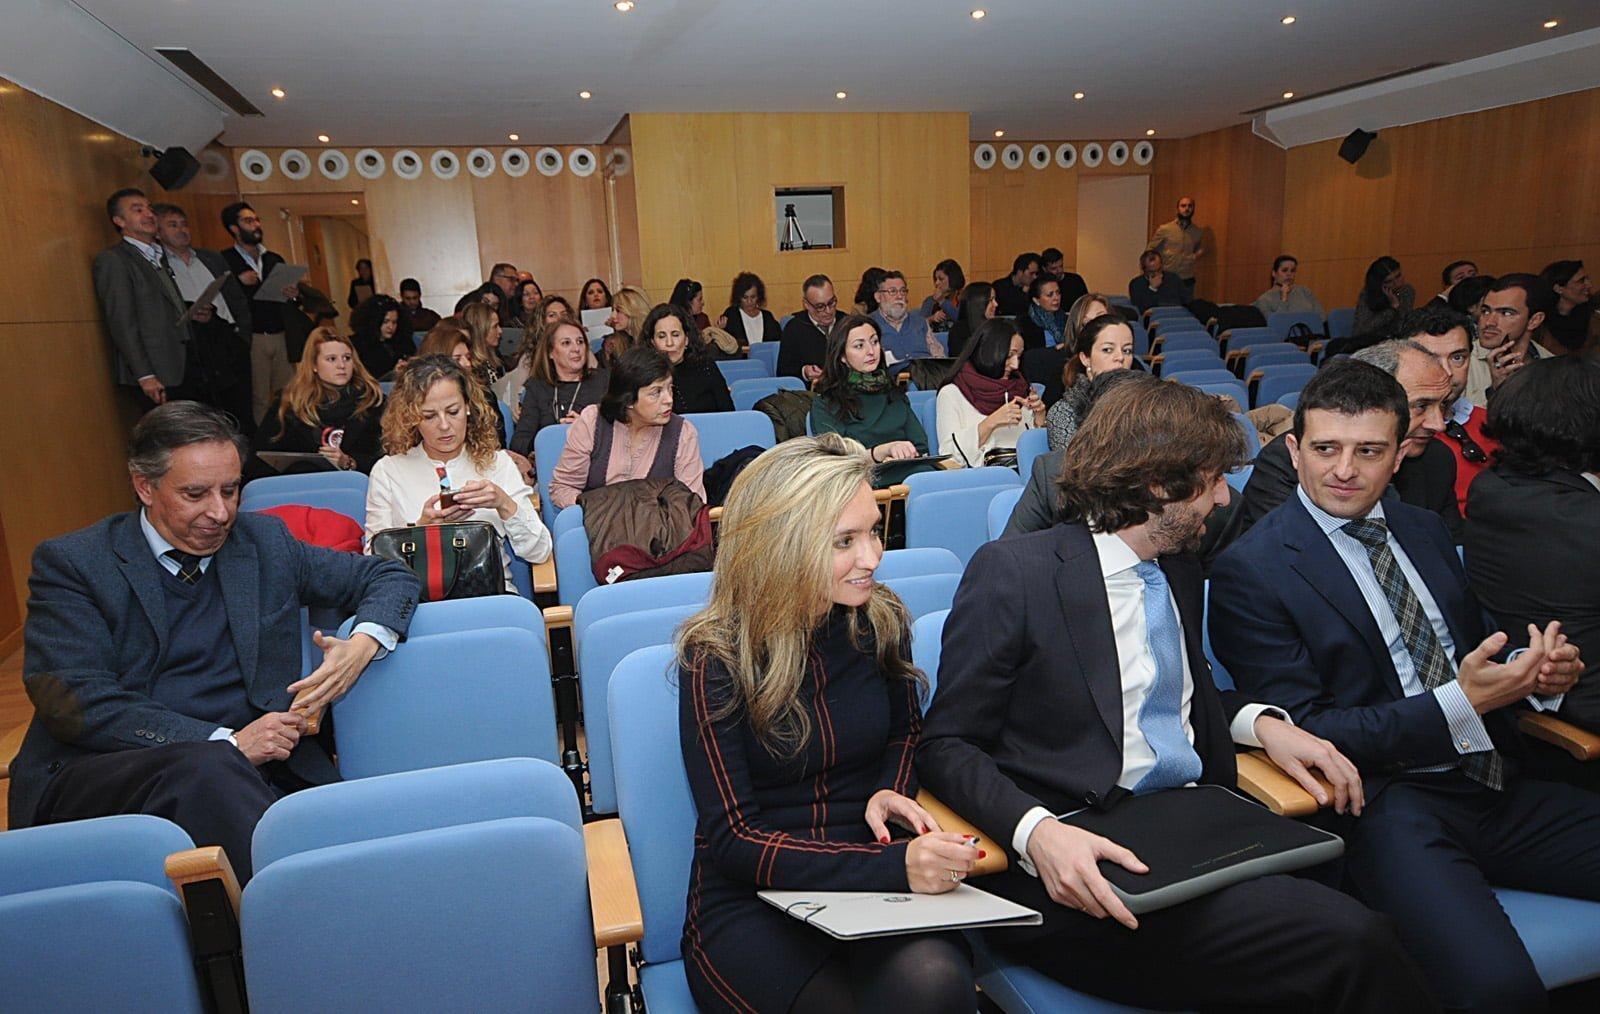 Las jornadas han sido organizadas por el Colegio de Abogados de Huelva